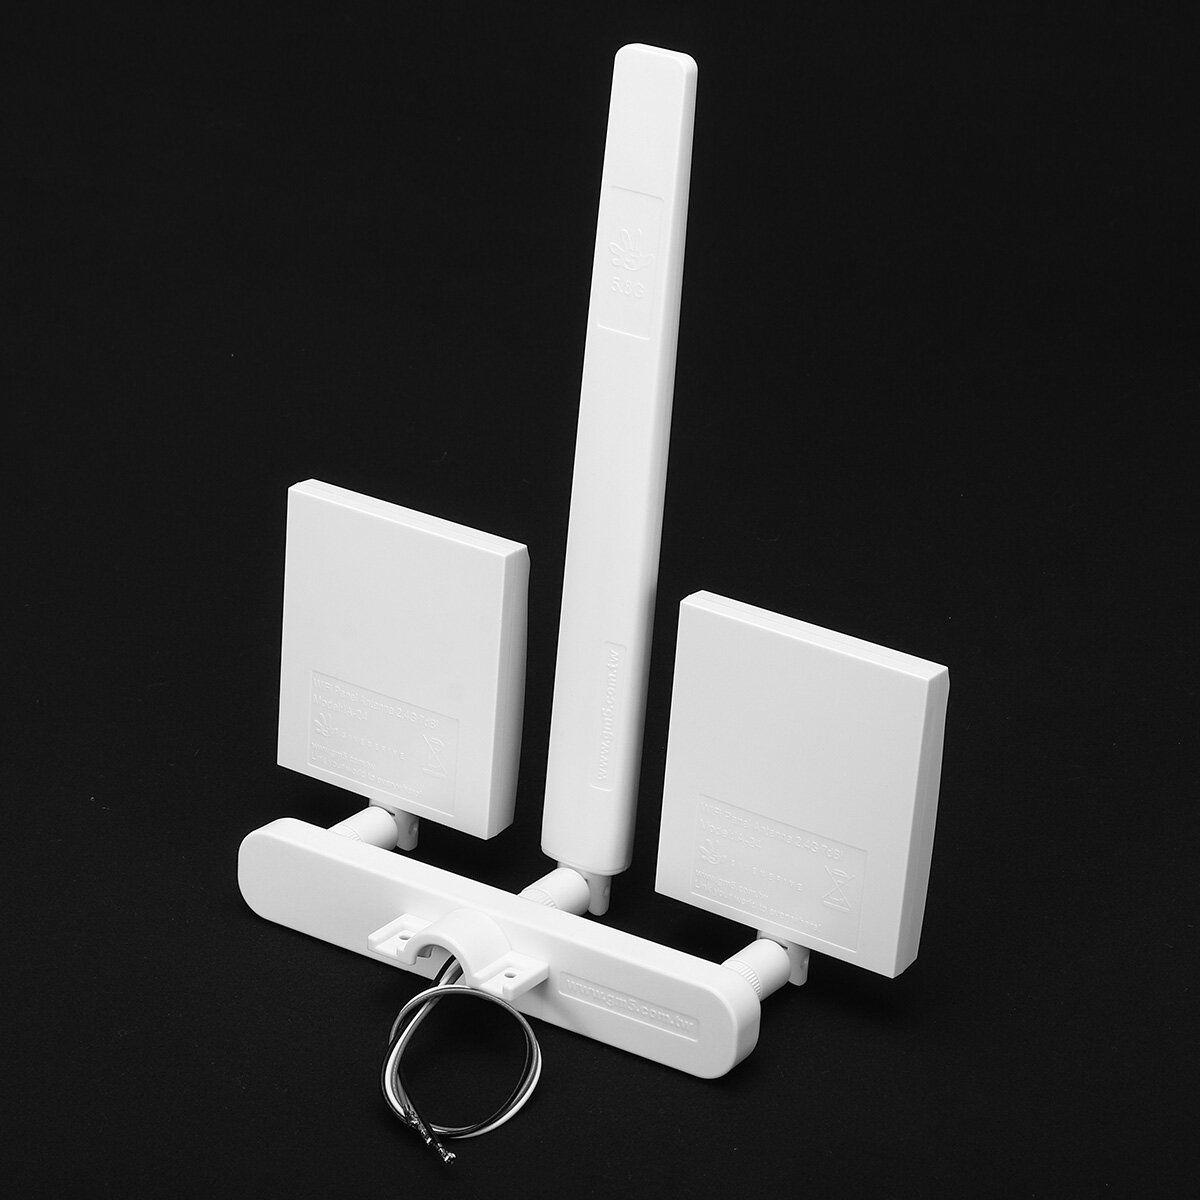 DJI Phantom 3 Standard WiFi Signal Range Extender Antenna Router Kit 10dBi Omni